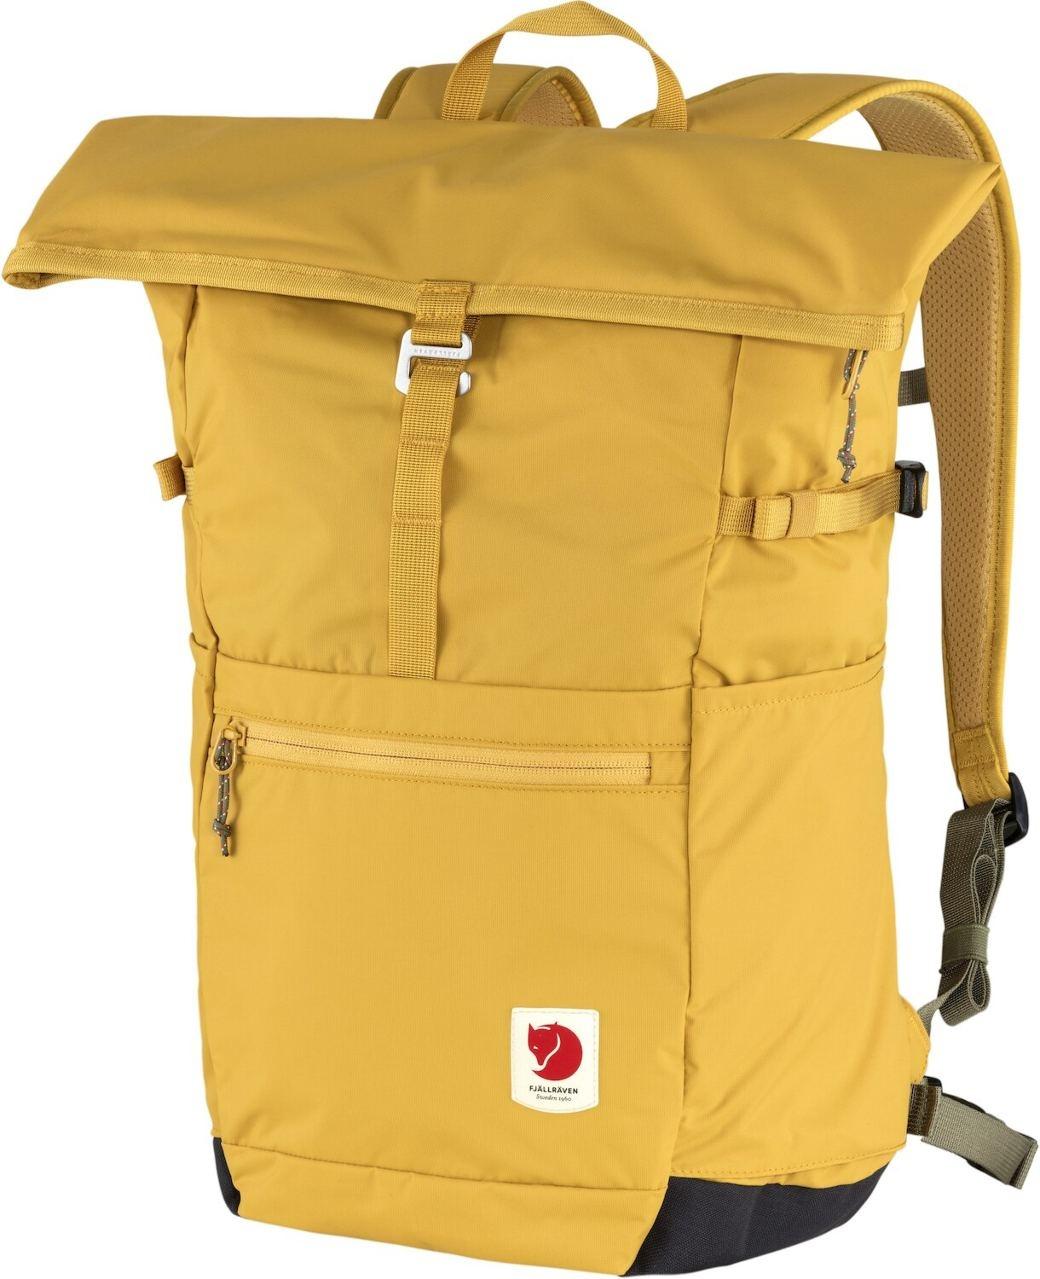 Fjällräven High Coast Foldsack 24 Ochre-1